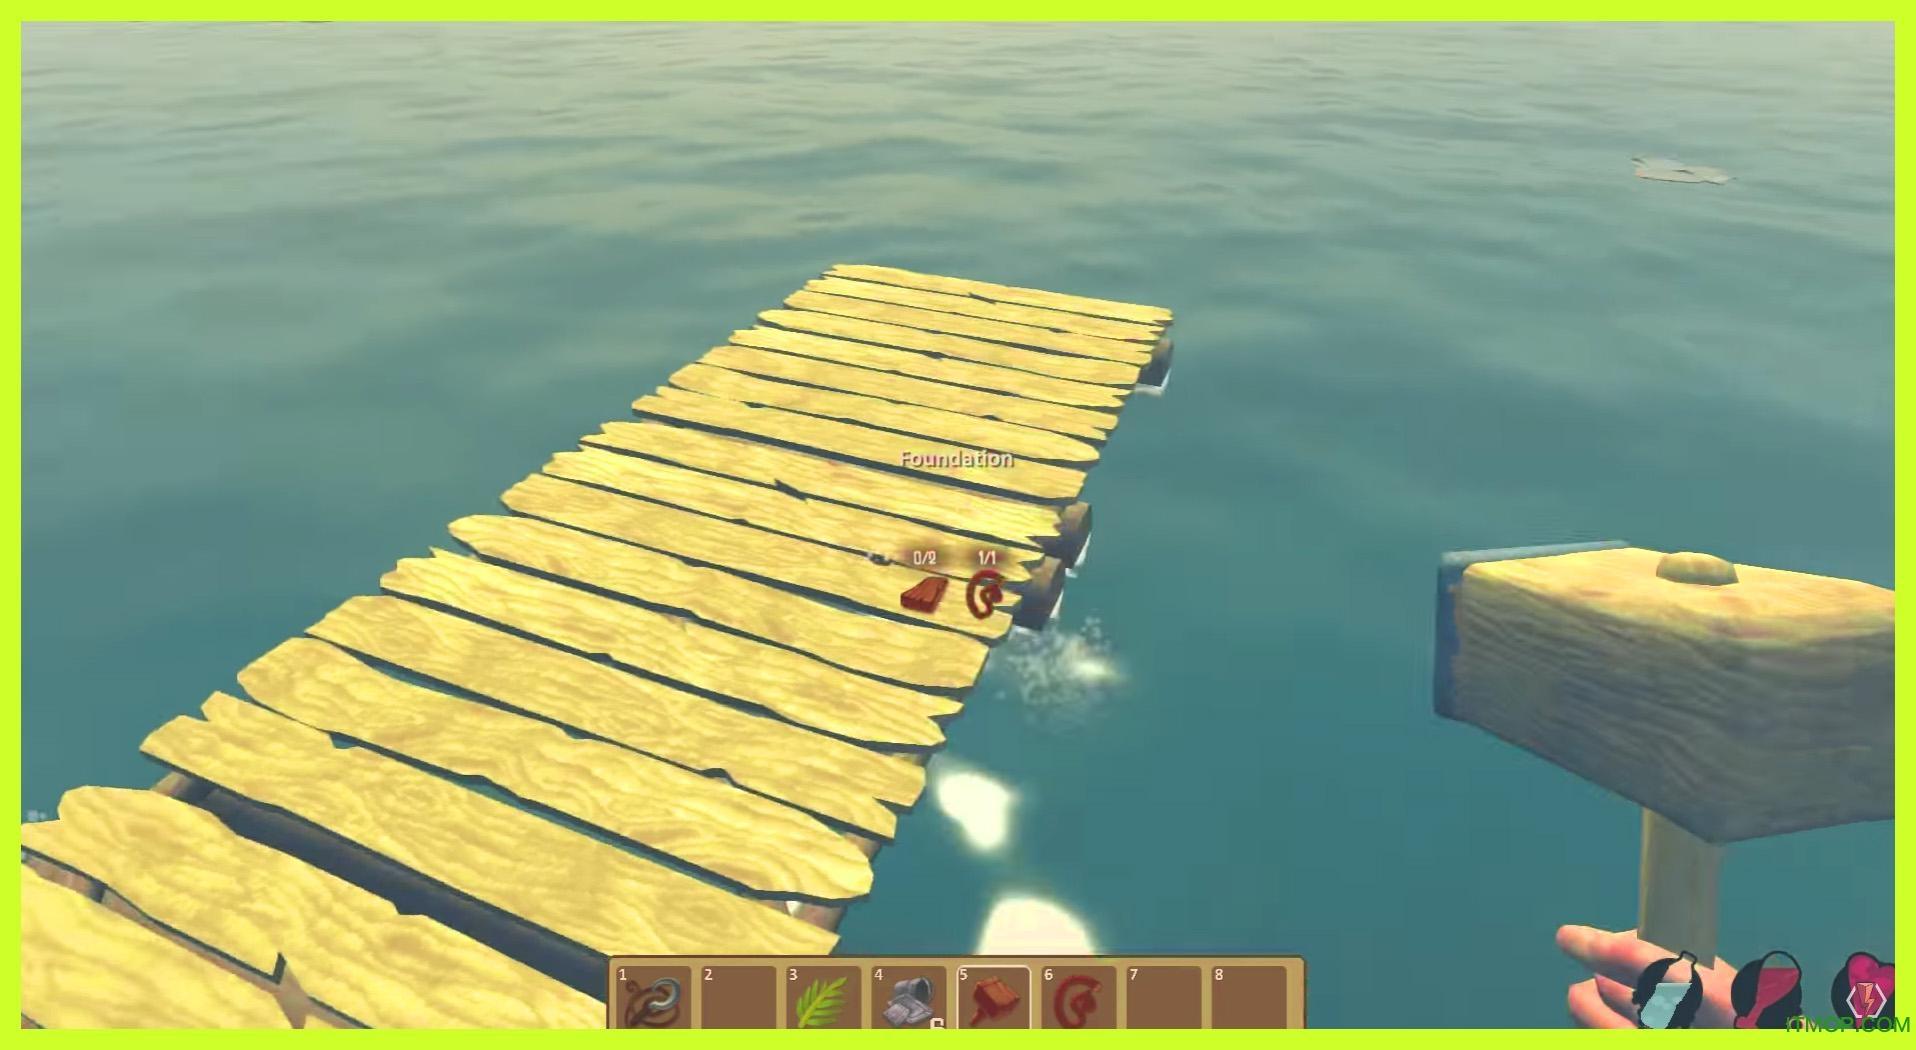 木筏生存游戏(Raft survival craft) v1.6.1 安卓中文版1